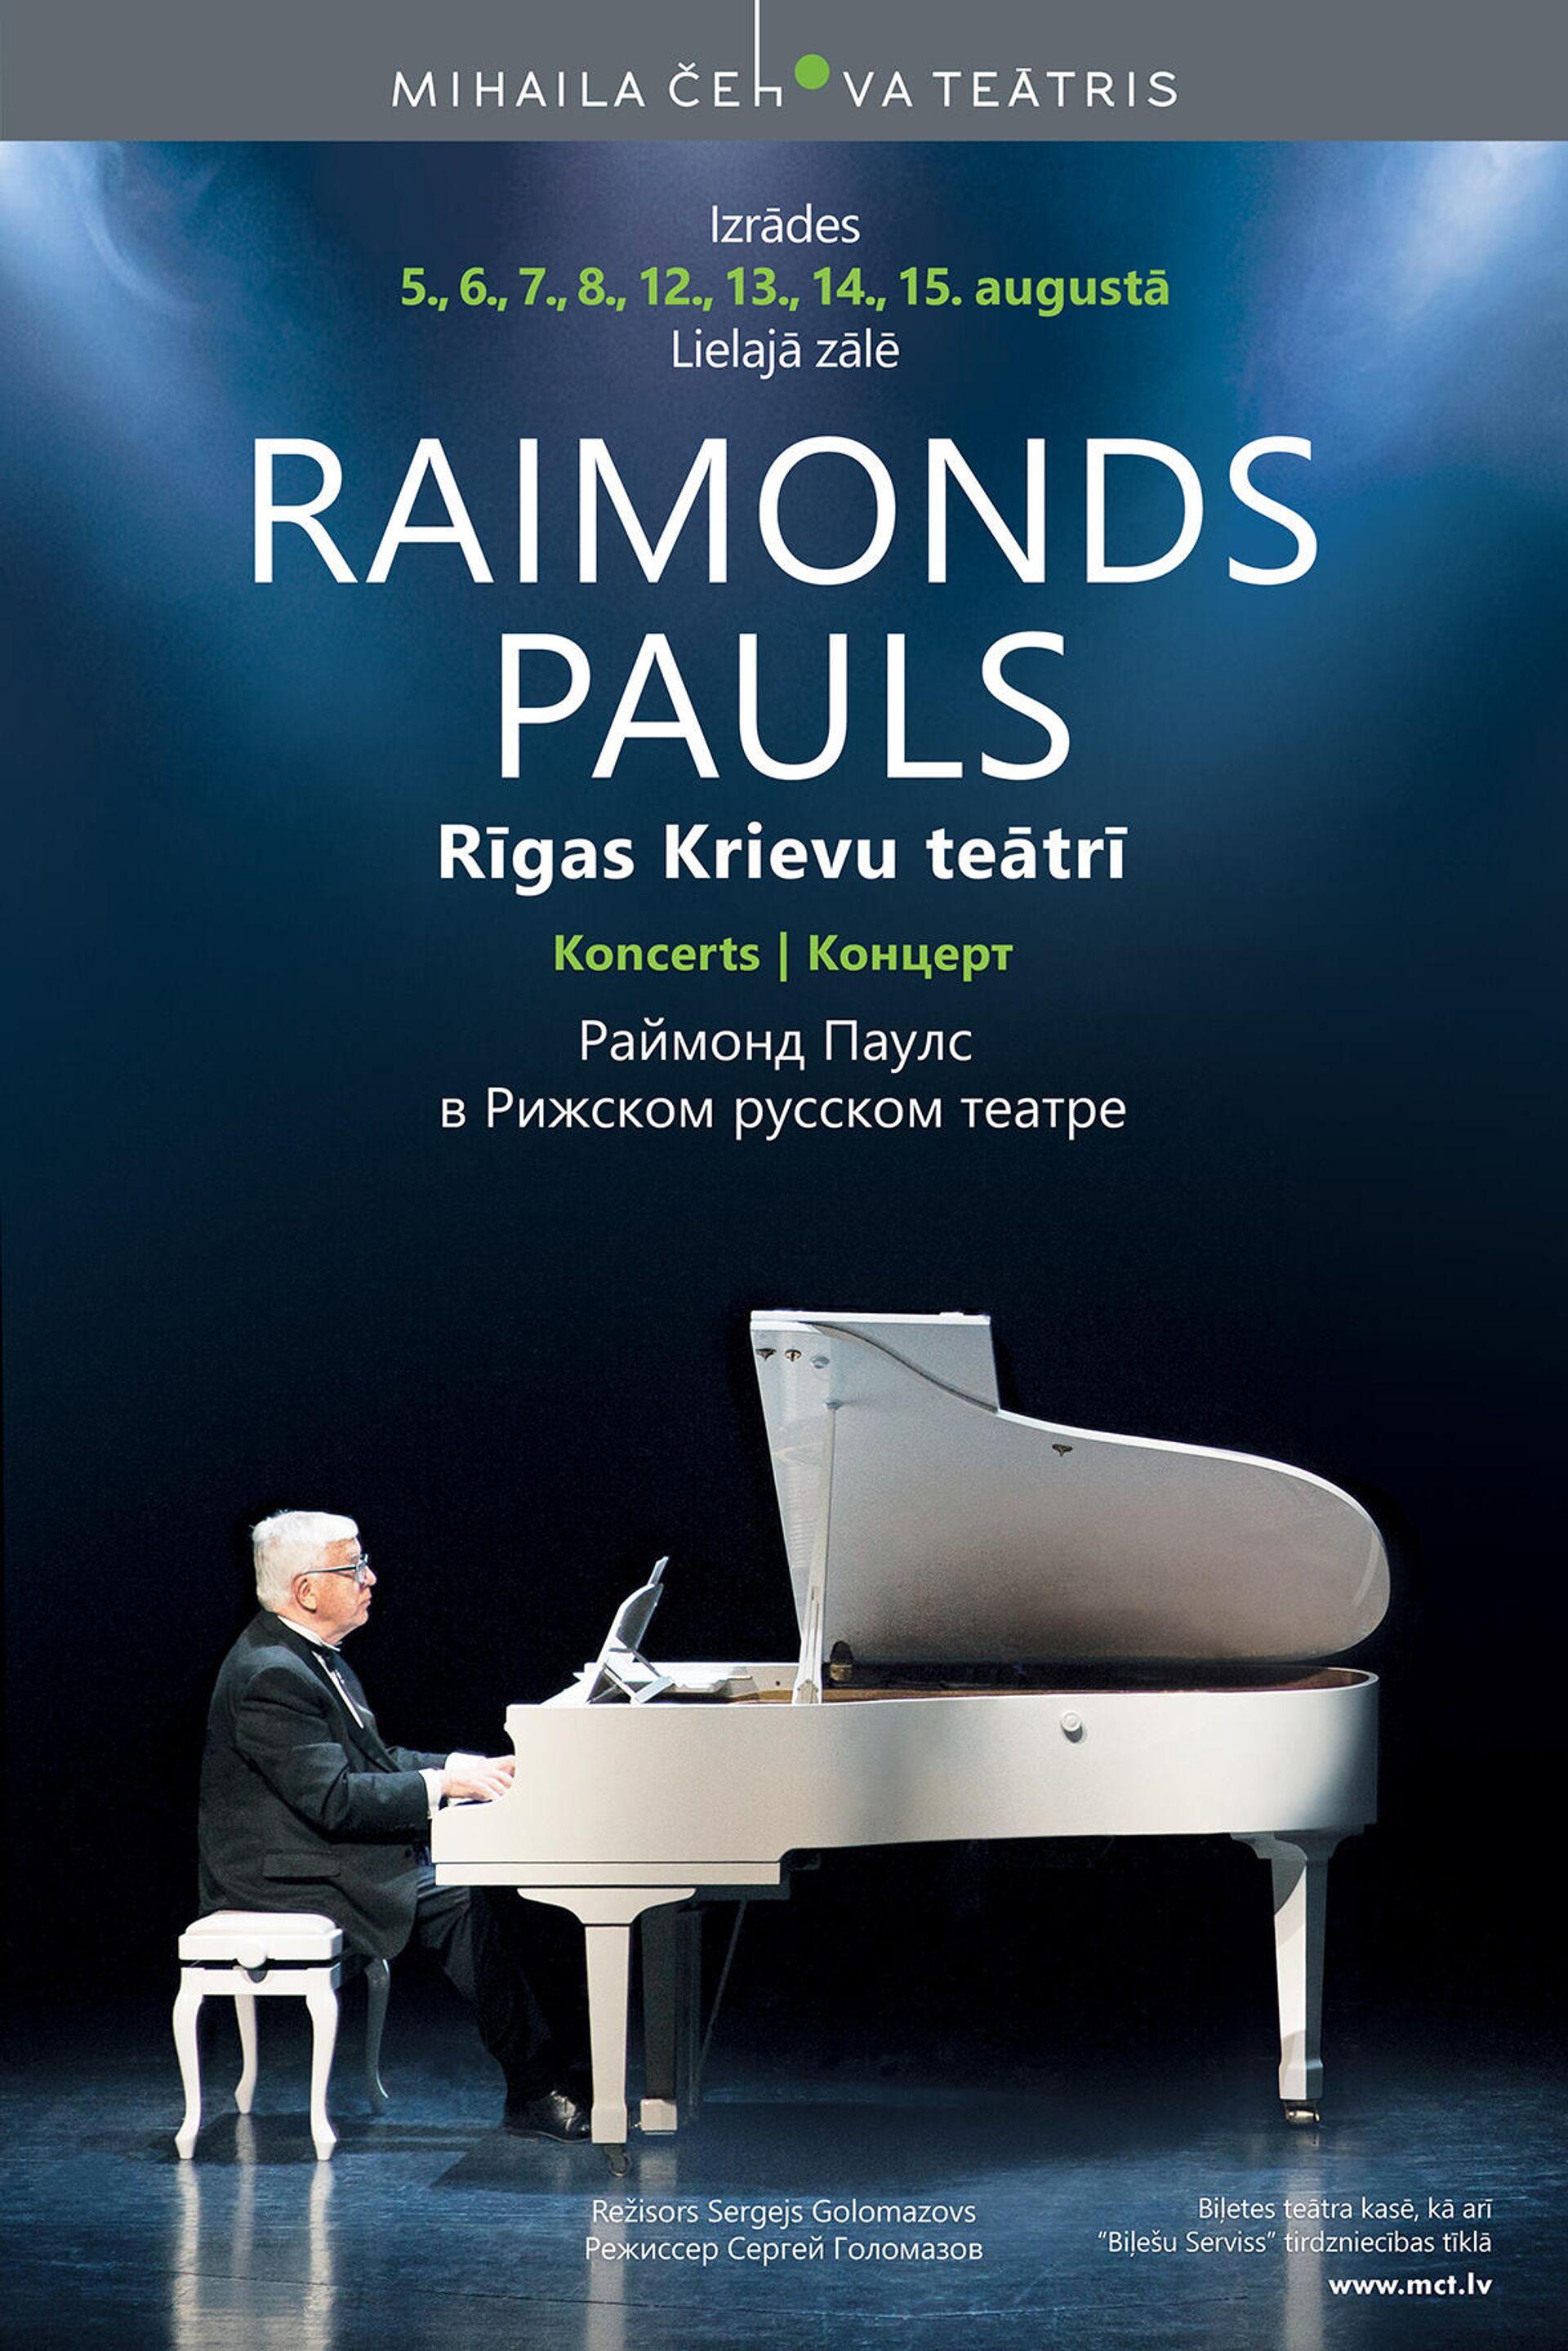 Афиша концерта Раймонд Паулс в Рижском русском театре. - Sputnik Латвия, 1920, 18.06.2021